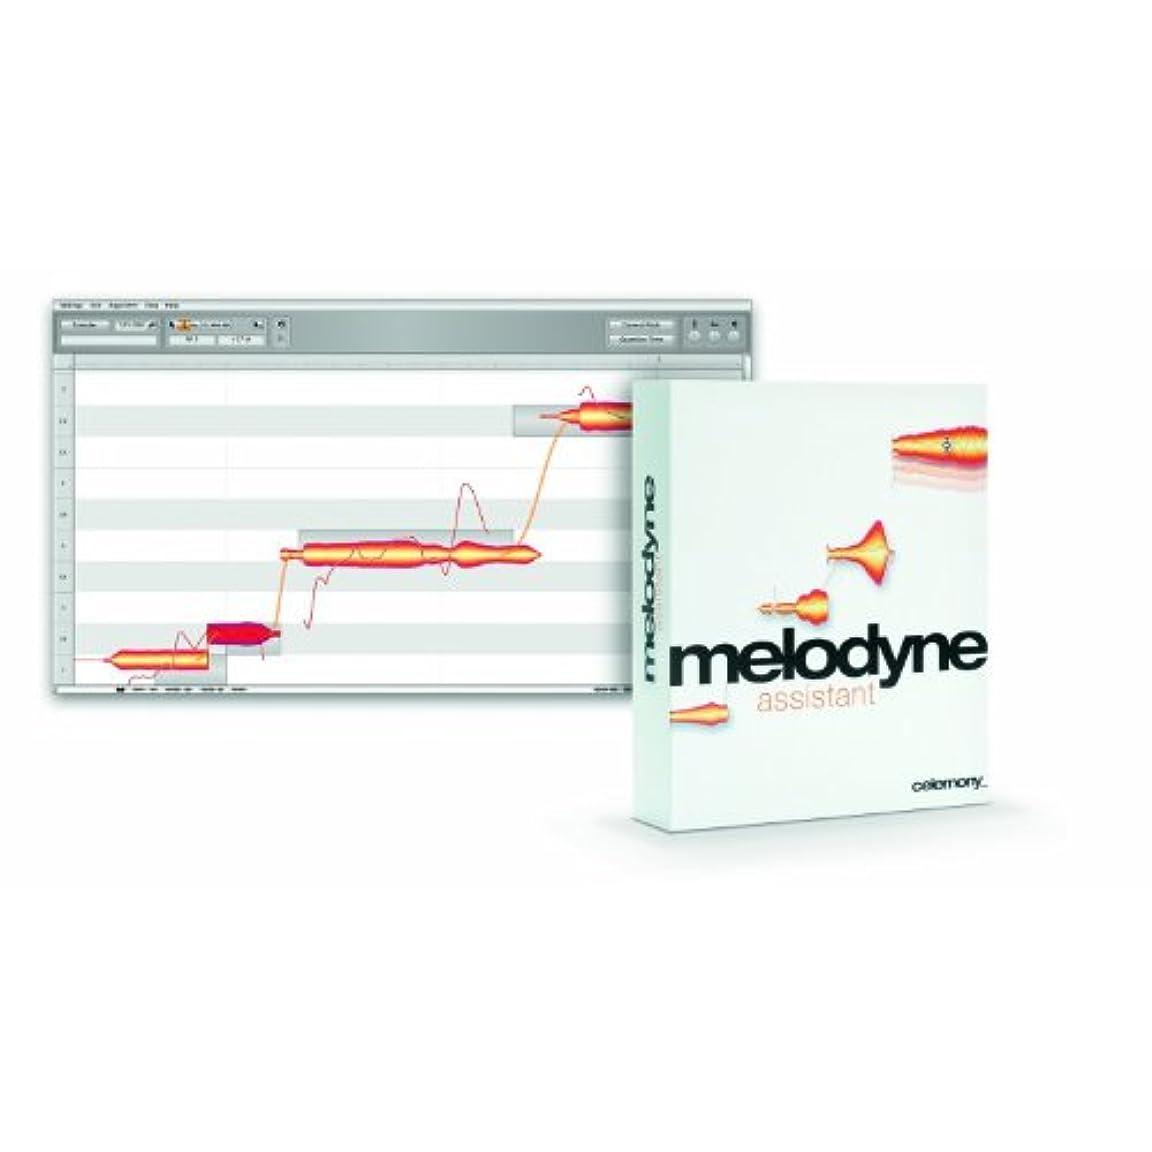 将来の憂鬱な根拠CelemonyのMelodyne Assistantソフトウェア